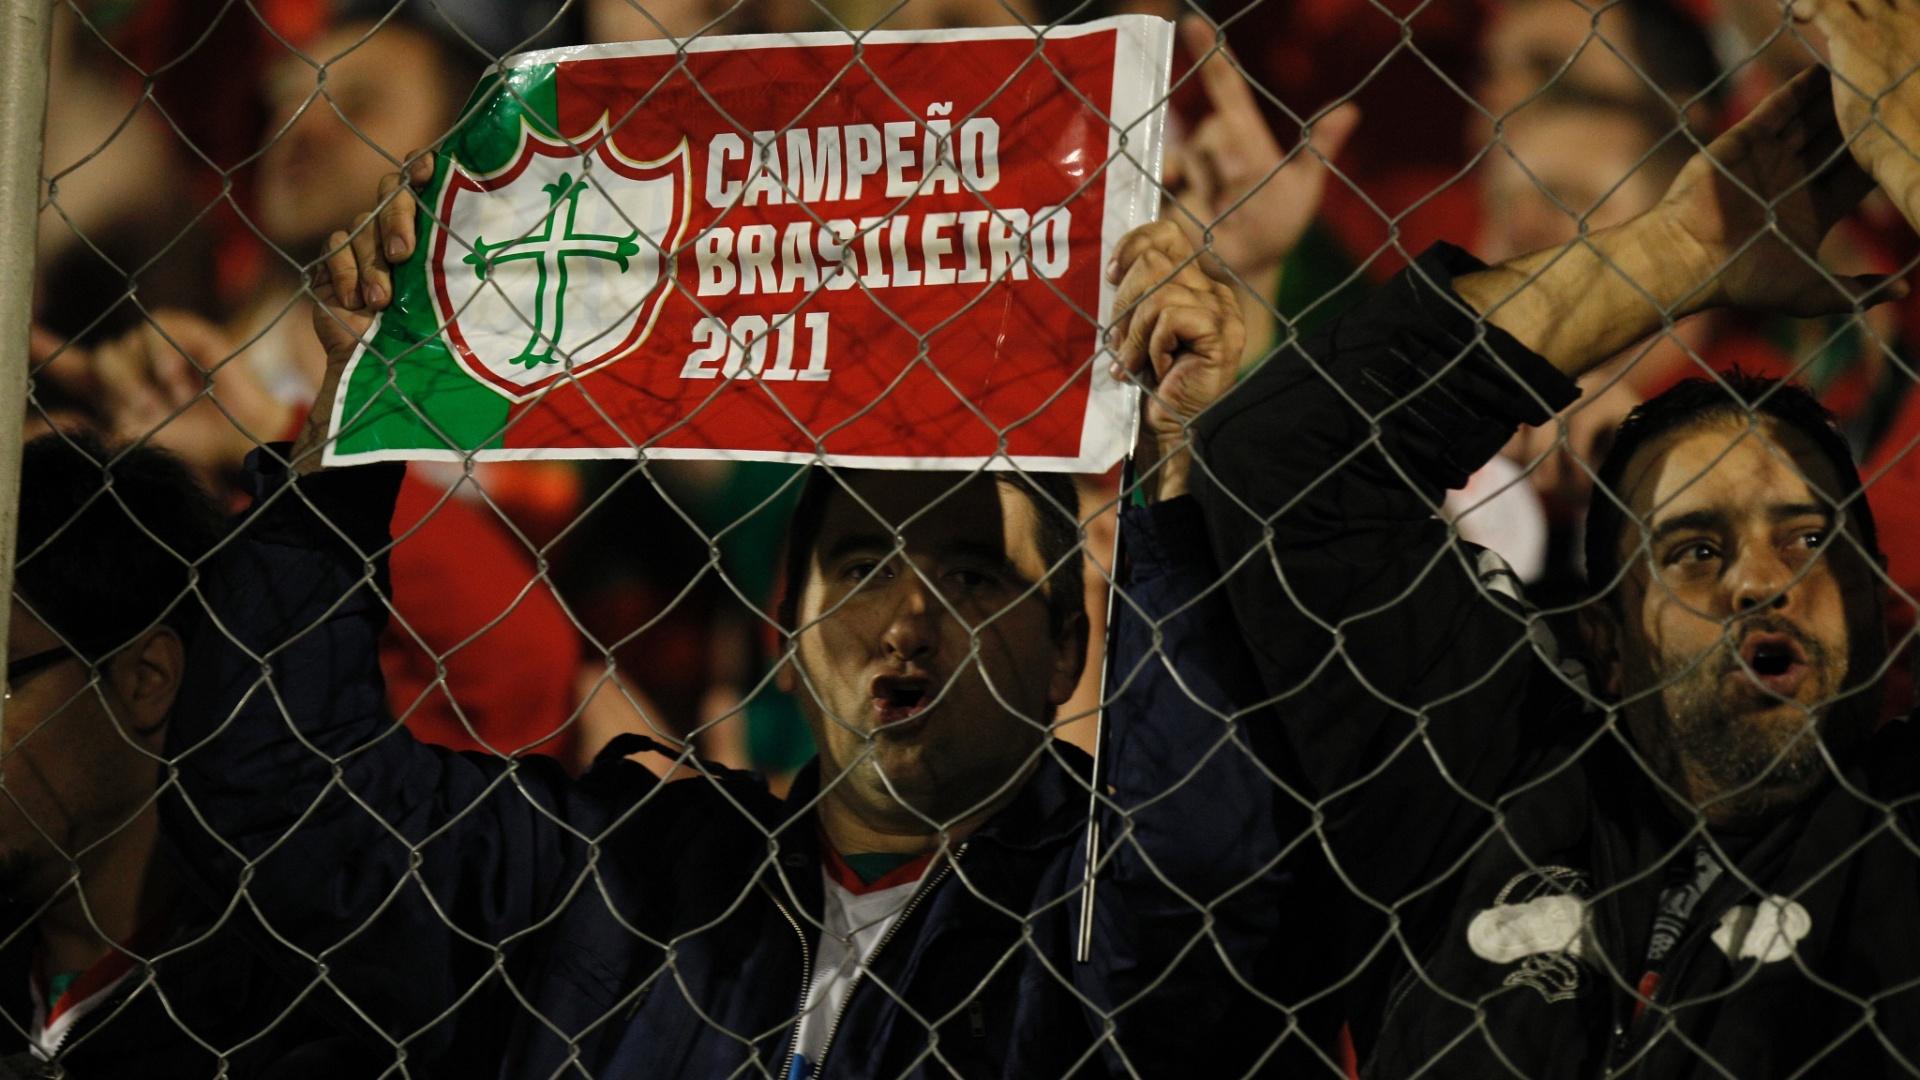 Apesar do frio, a torcida da Portuguesa marcou presença no Canindé para assistir ao jogo contra o Duque de Caxias